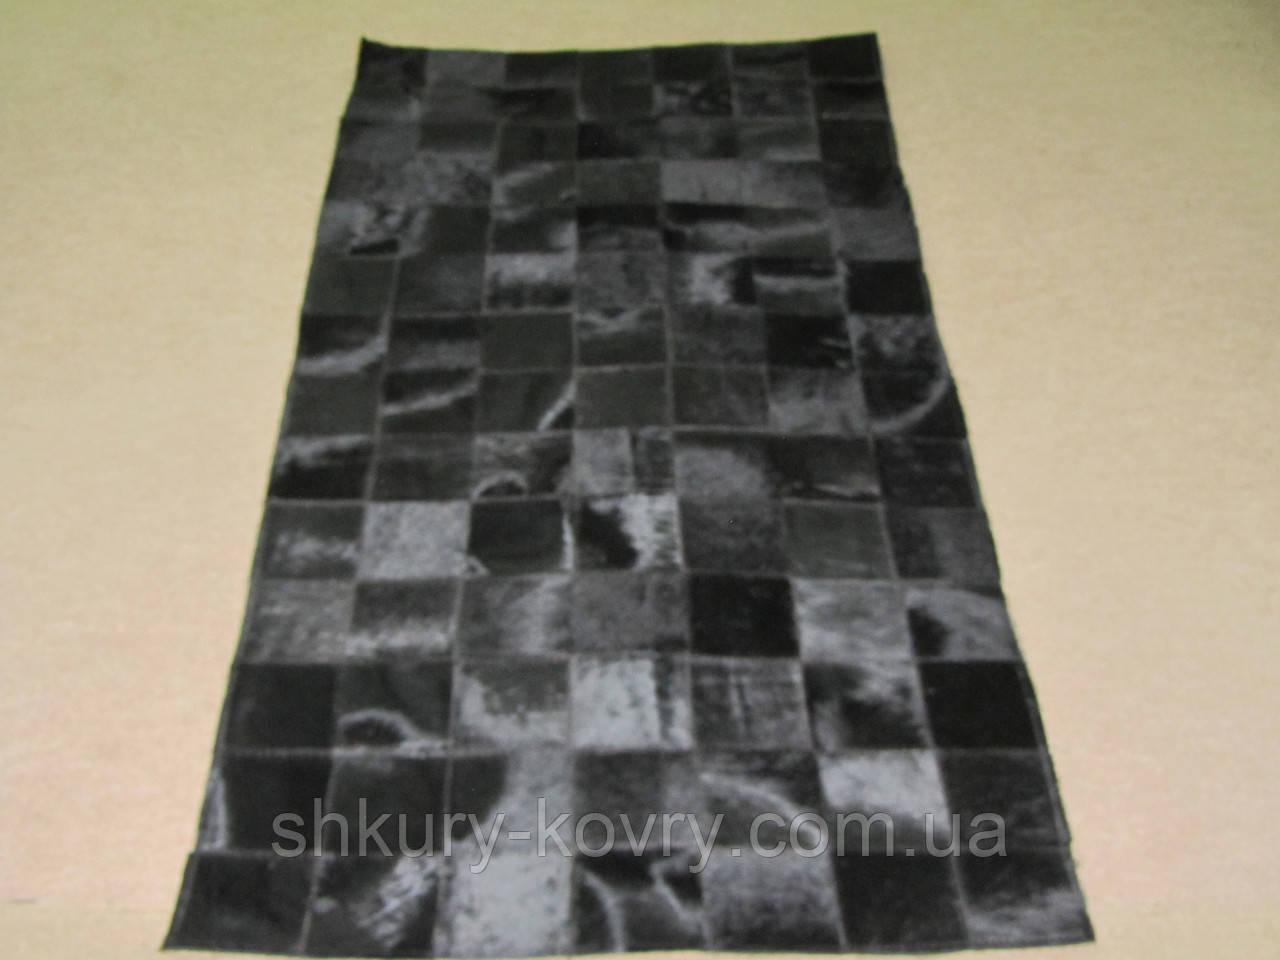 Черный ковер цвет норки, купить маленькие коврики из шкуры